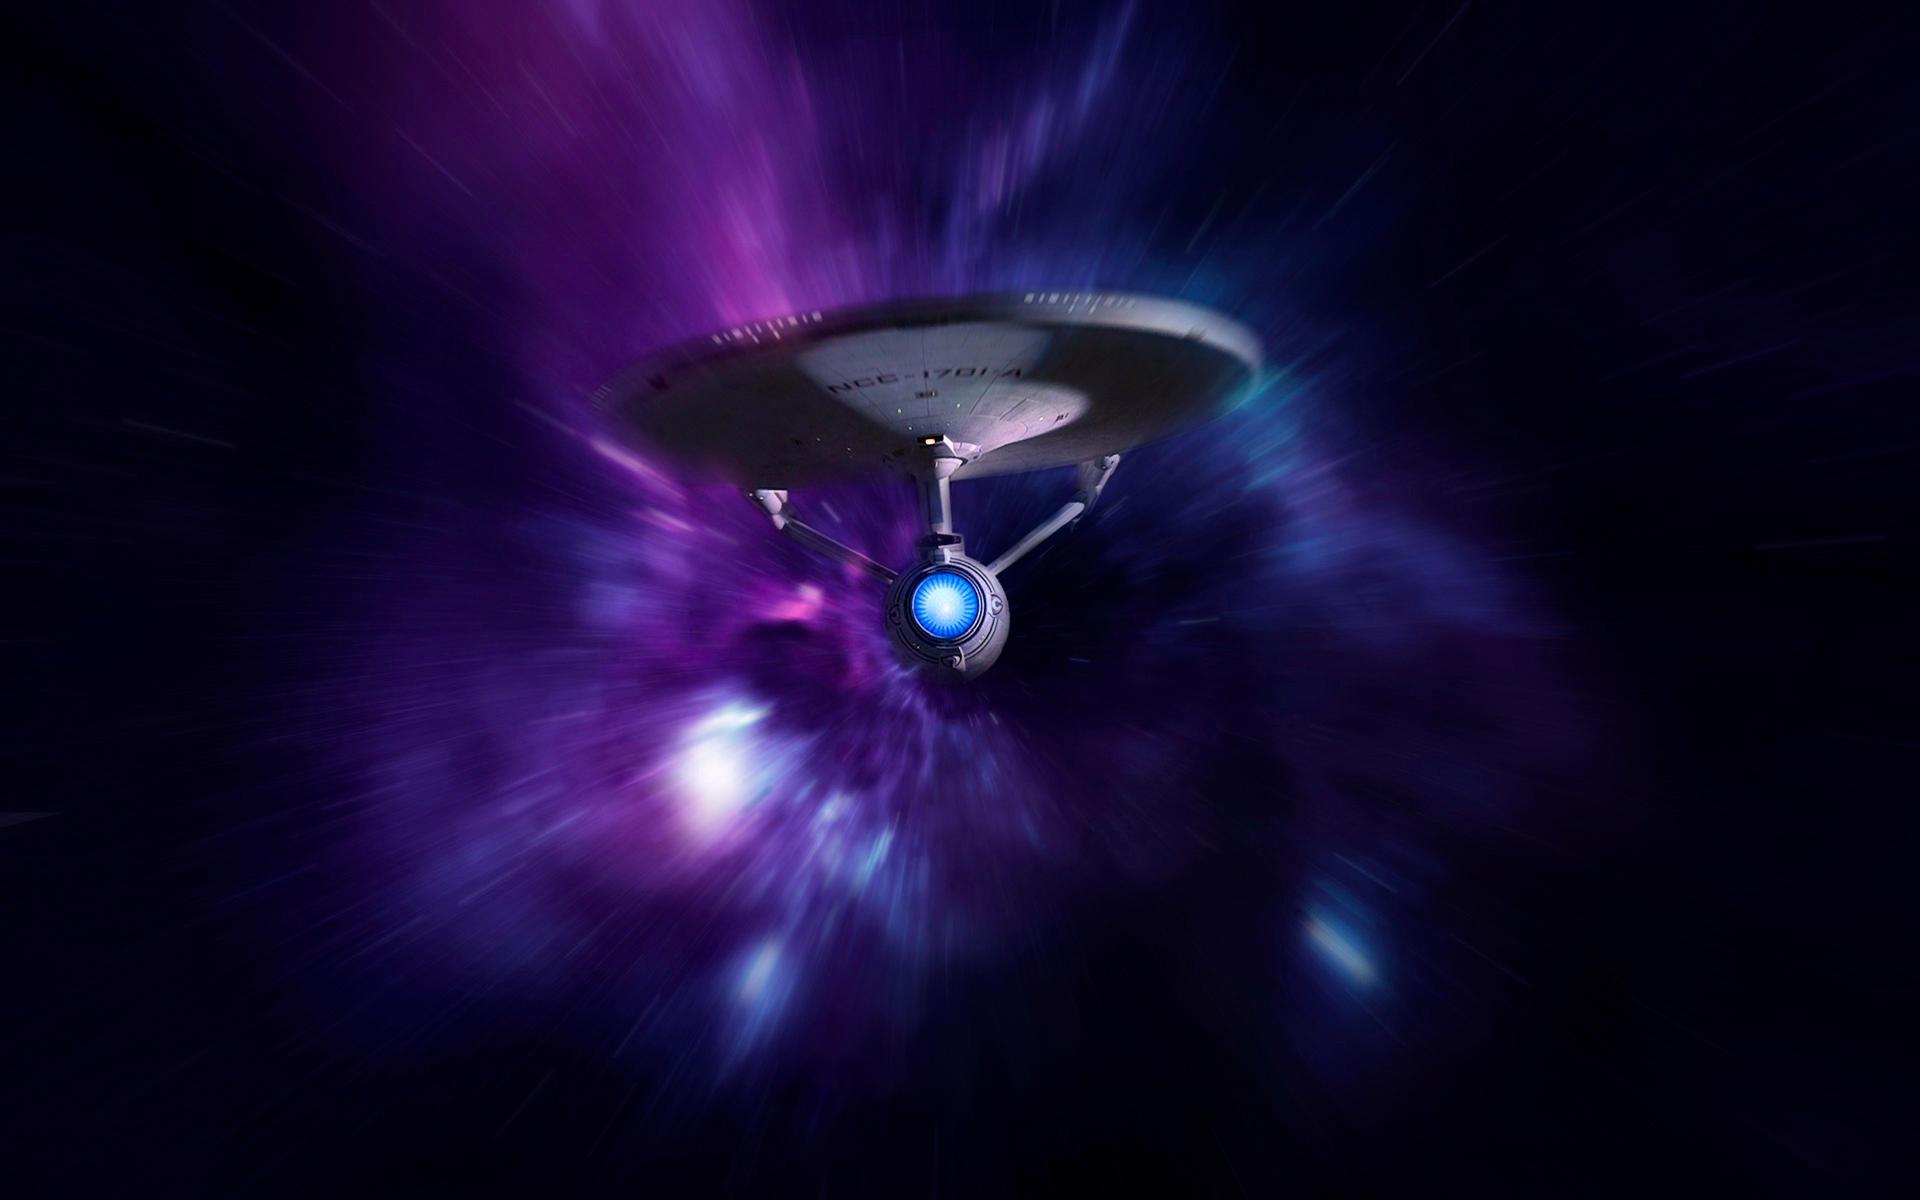 Enterprise at warp by 1darthvader